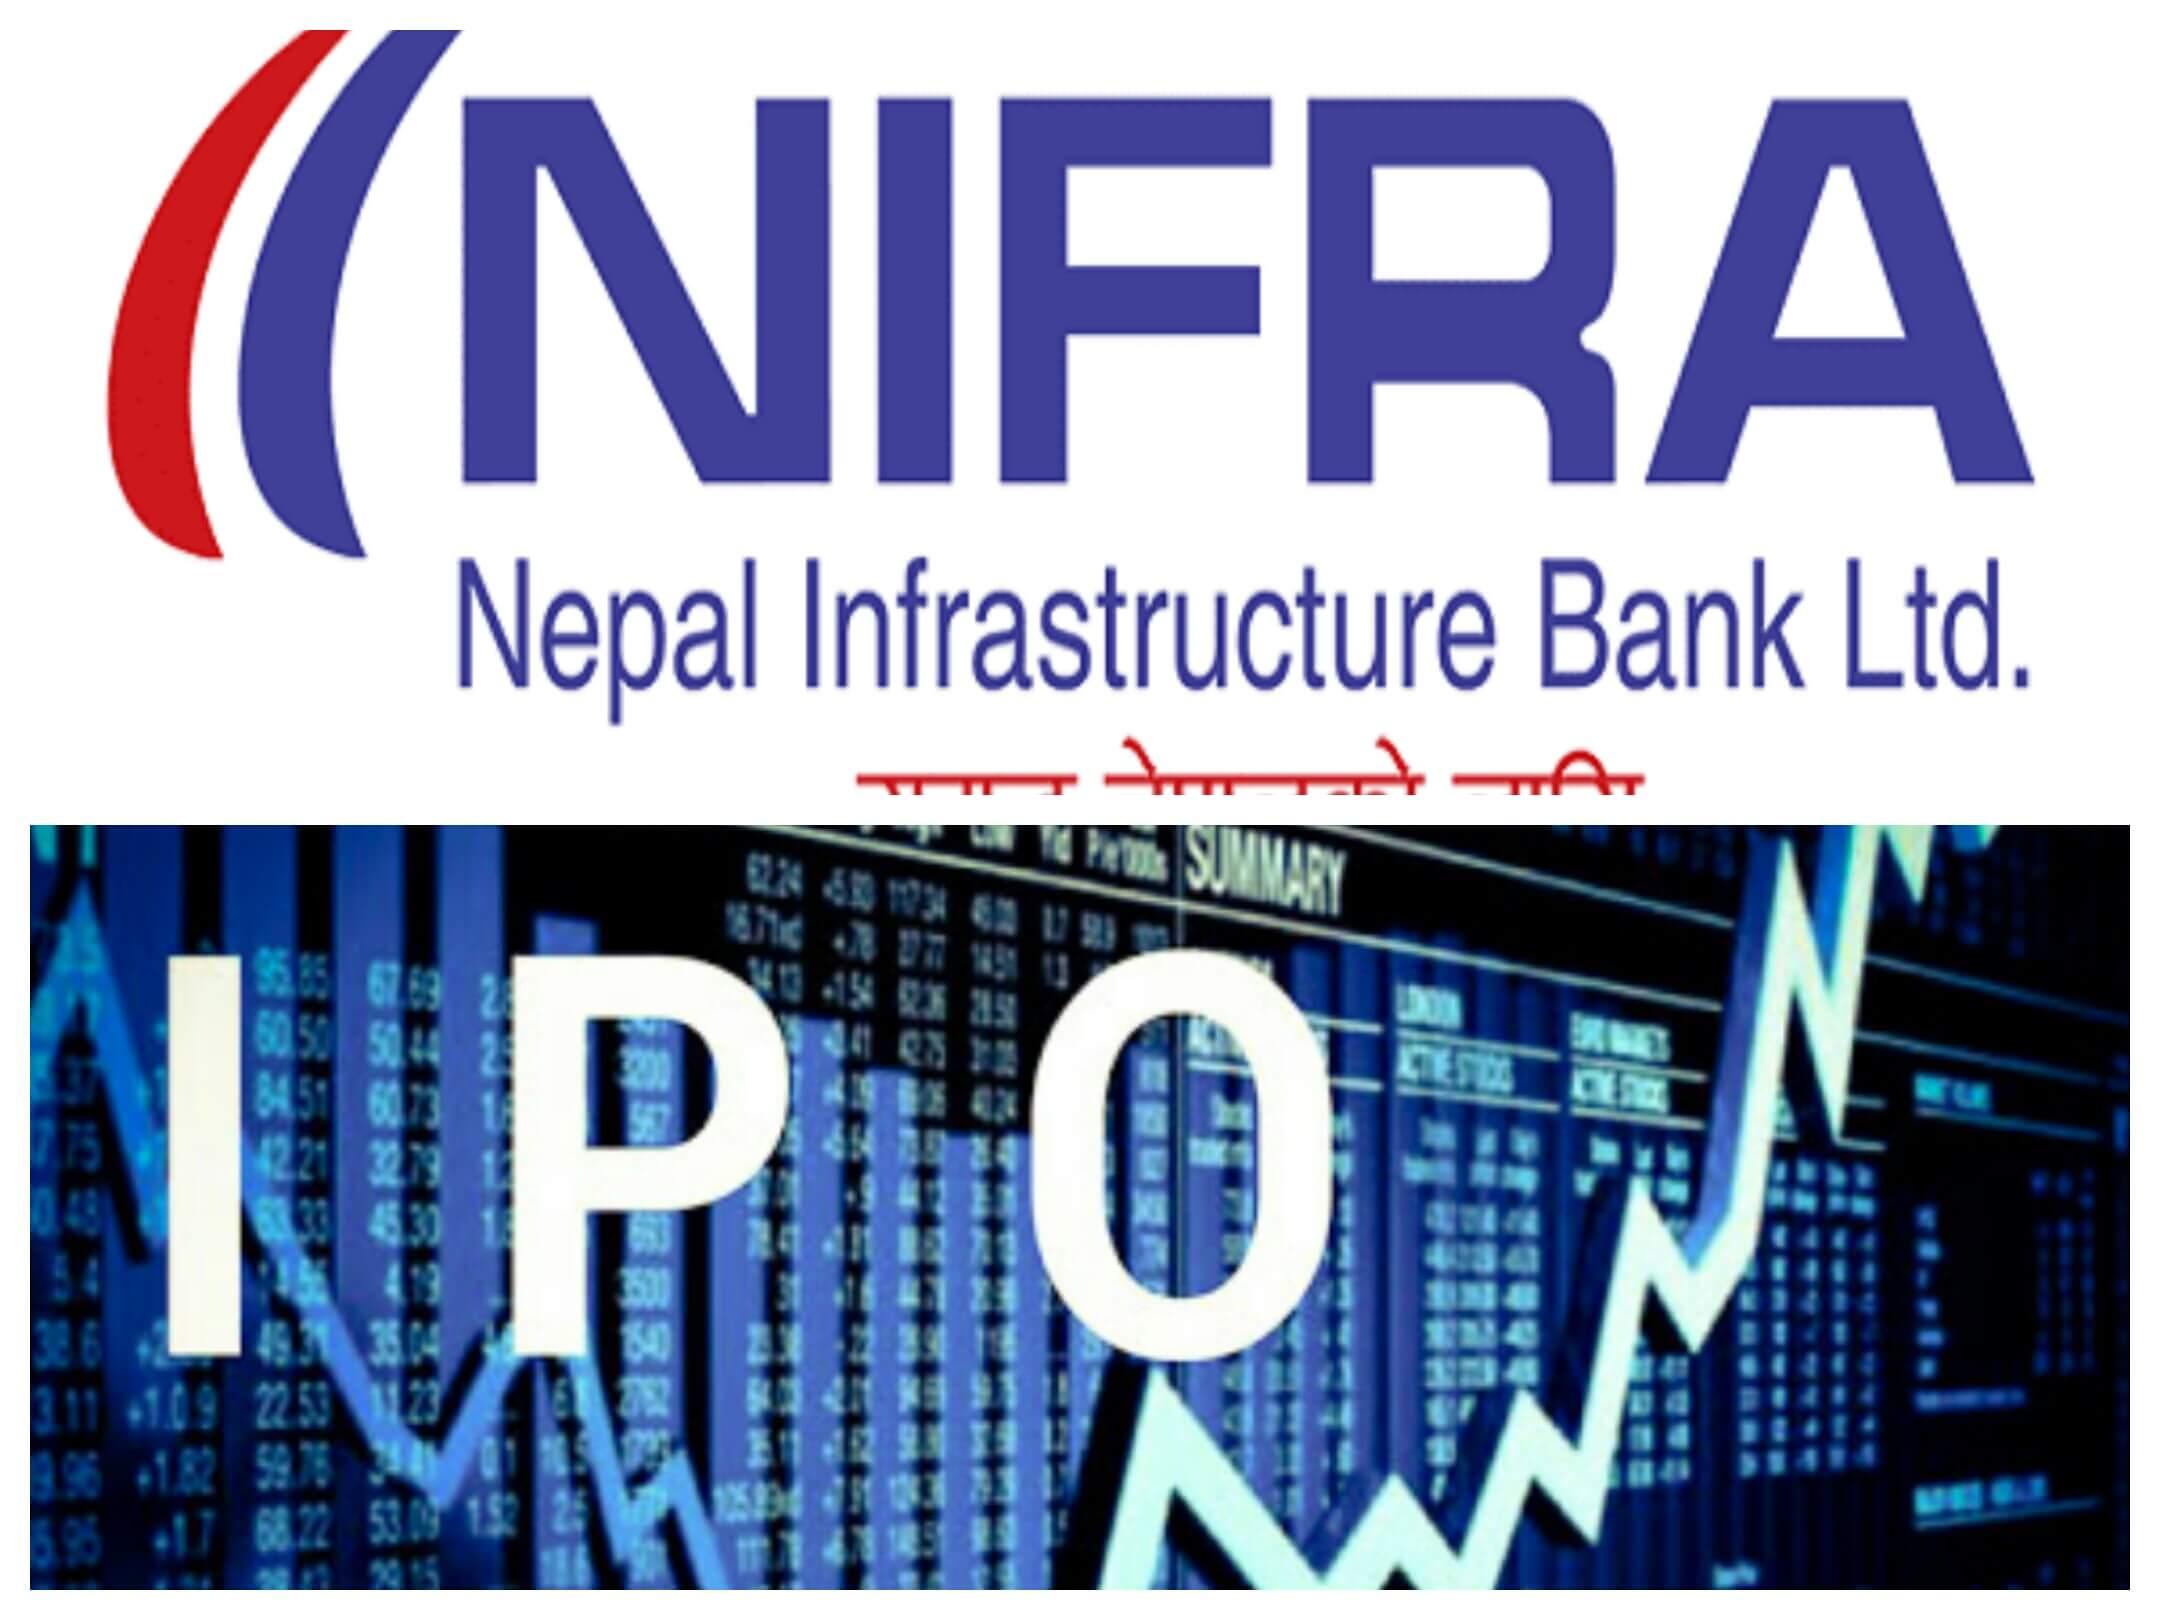 आज खुल्दैछ नेपाल इन्फ्रास्ट्रक्चर बैंकको नेपालकै ठूलो आइपीओ